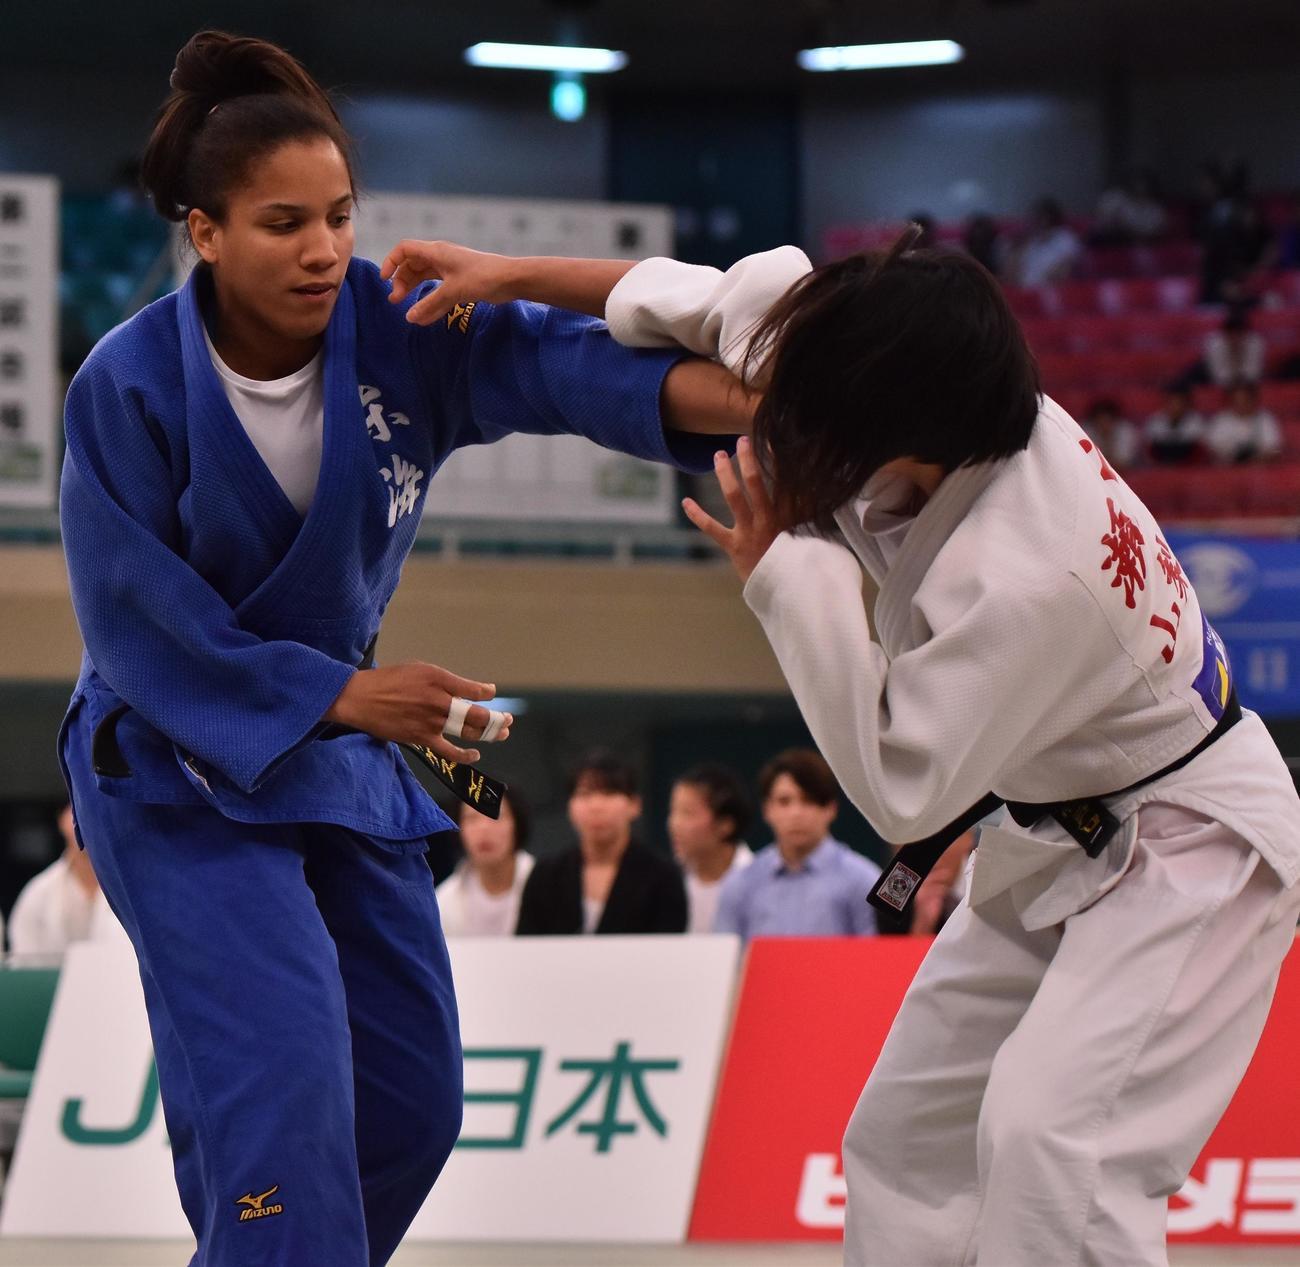 19年6月の全日本学生優勝大会で、東海大の12年ぶり制覇に貢献したロドリゲス(左)